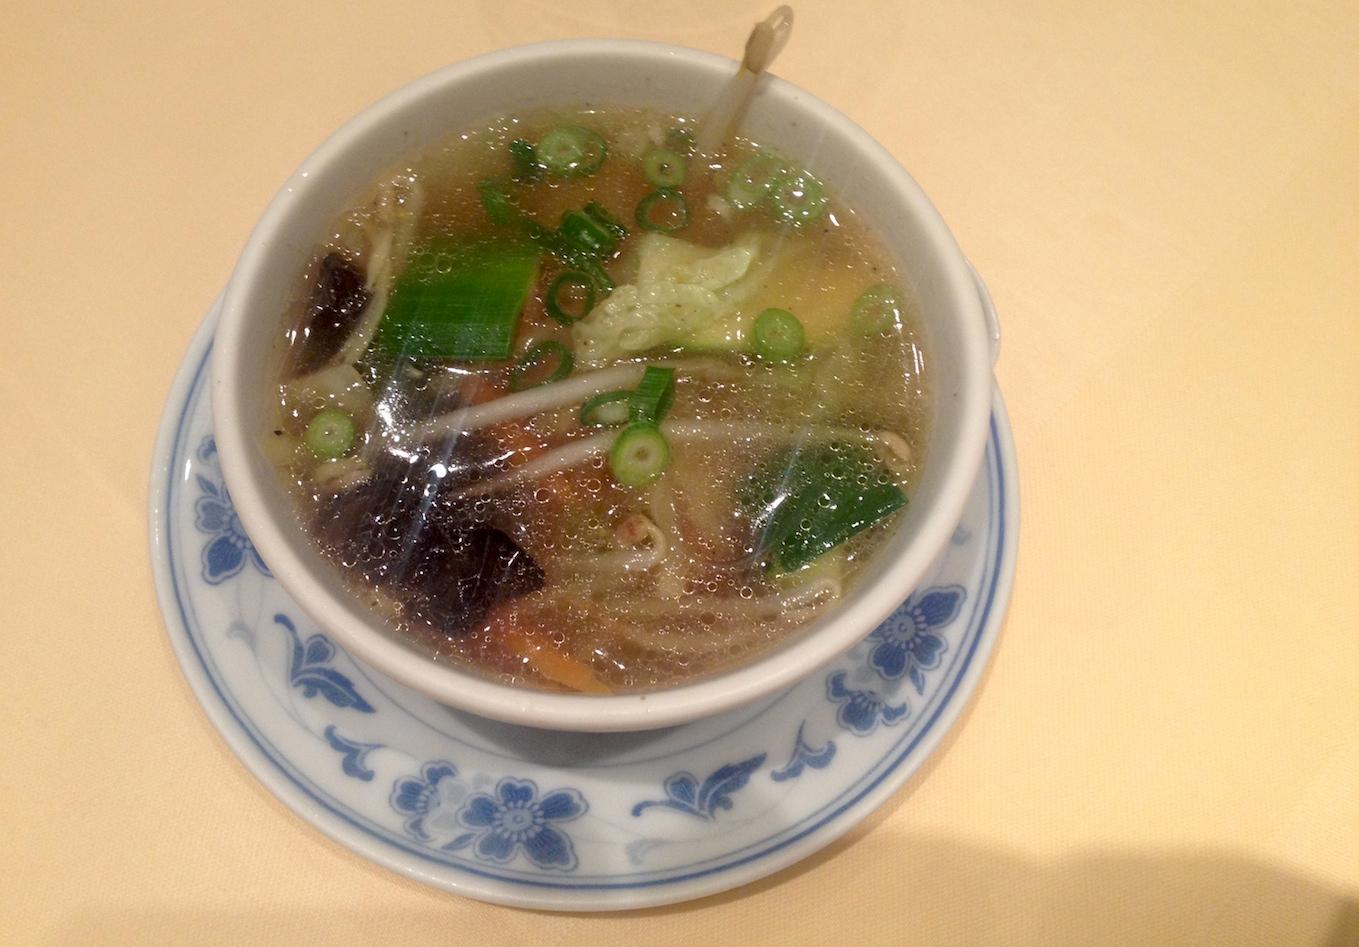 Jade (geschlossen) - ehemaliges chinesisches RestaurantBiancas Blog